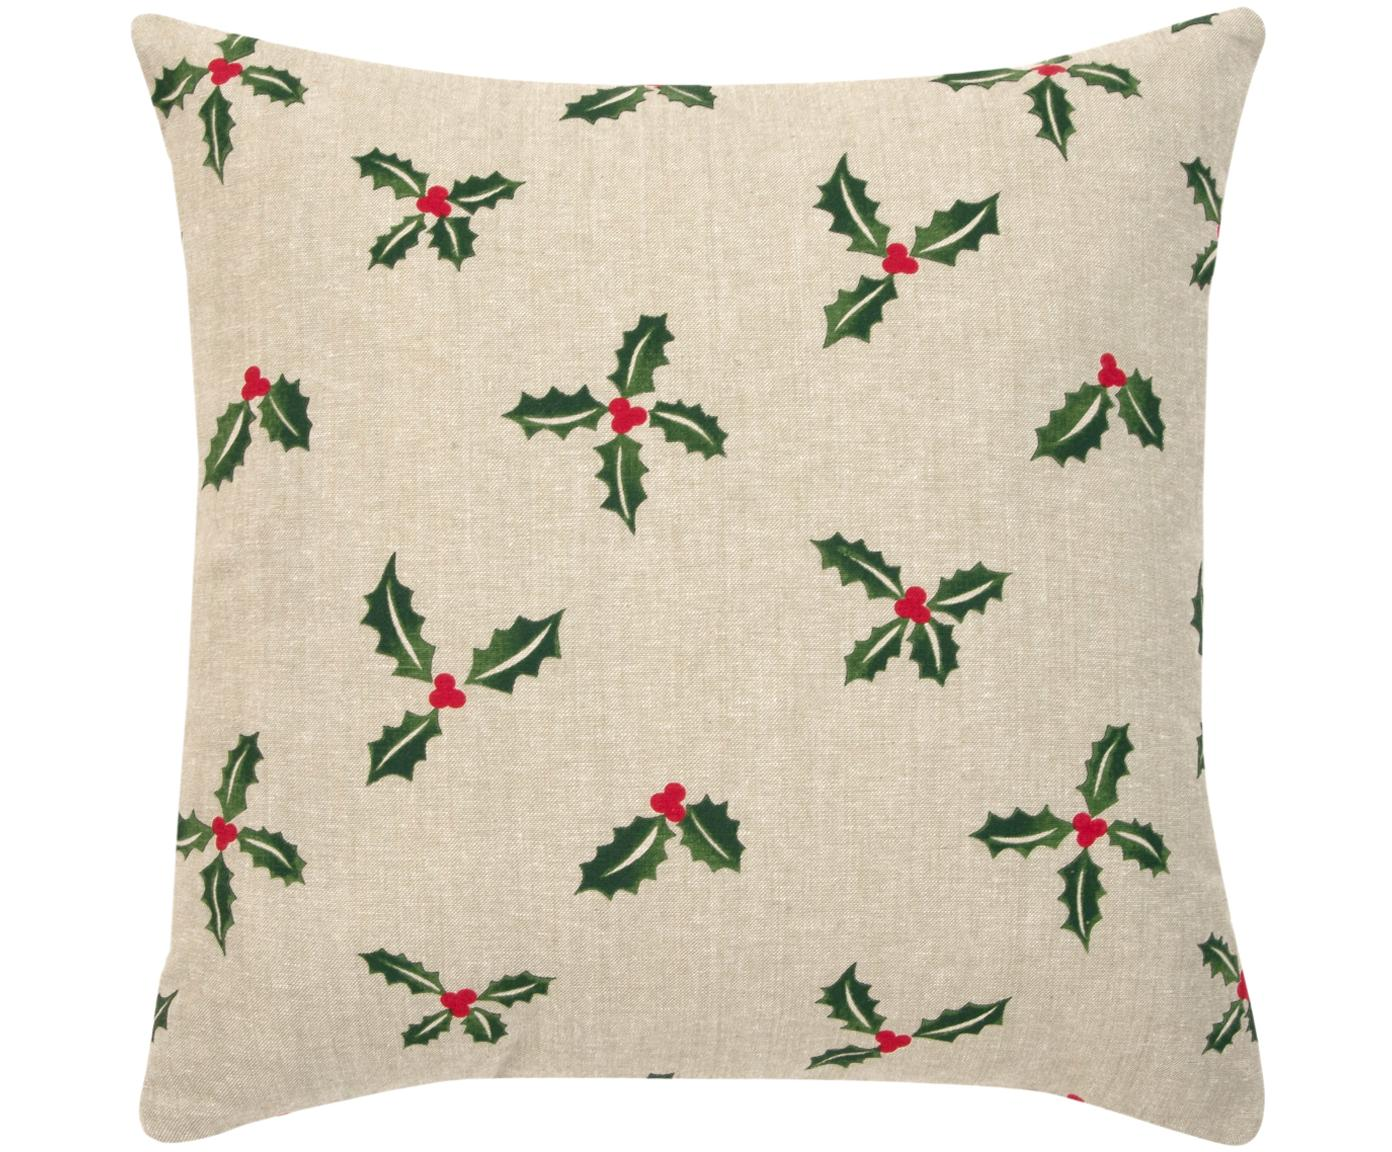 Poszewka na poduszkę Berry, 100% bawełna, Beżowy, zielony, S 45 x D 45 cm